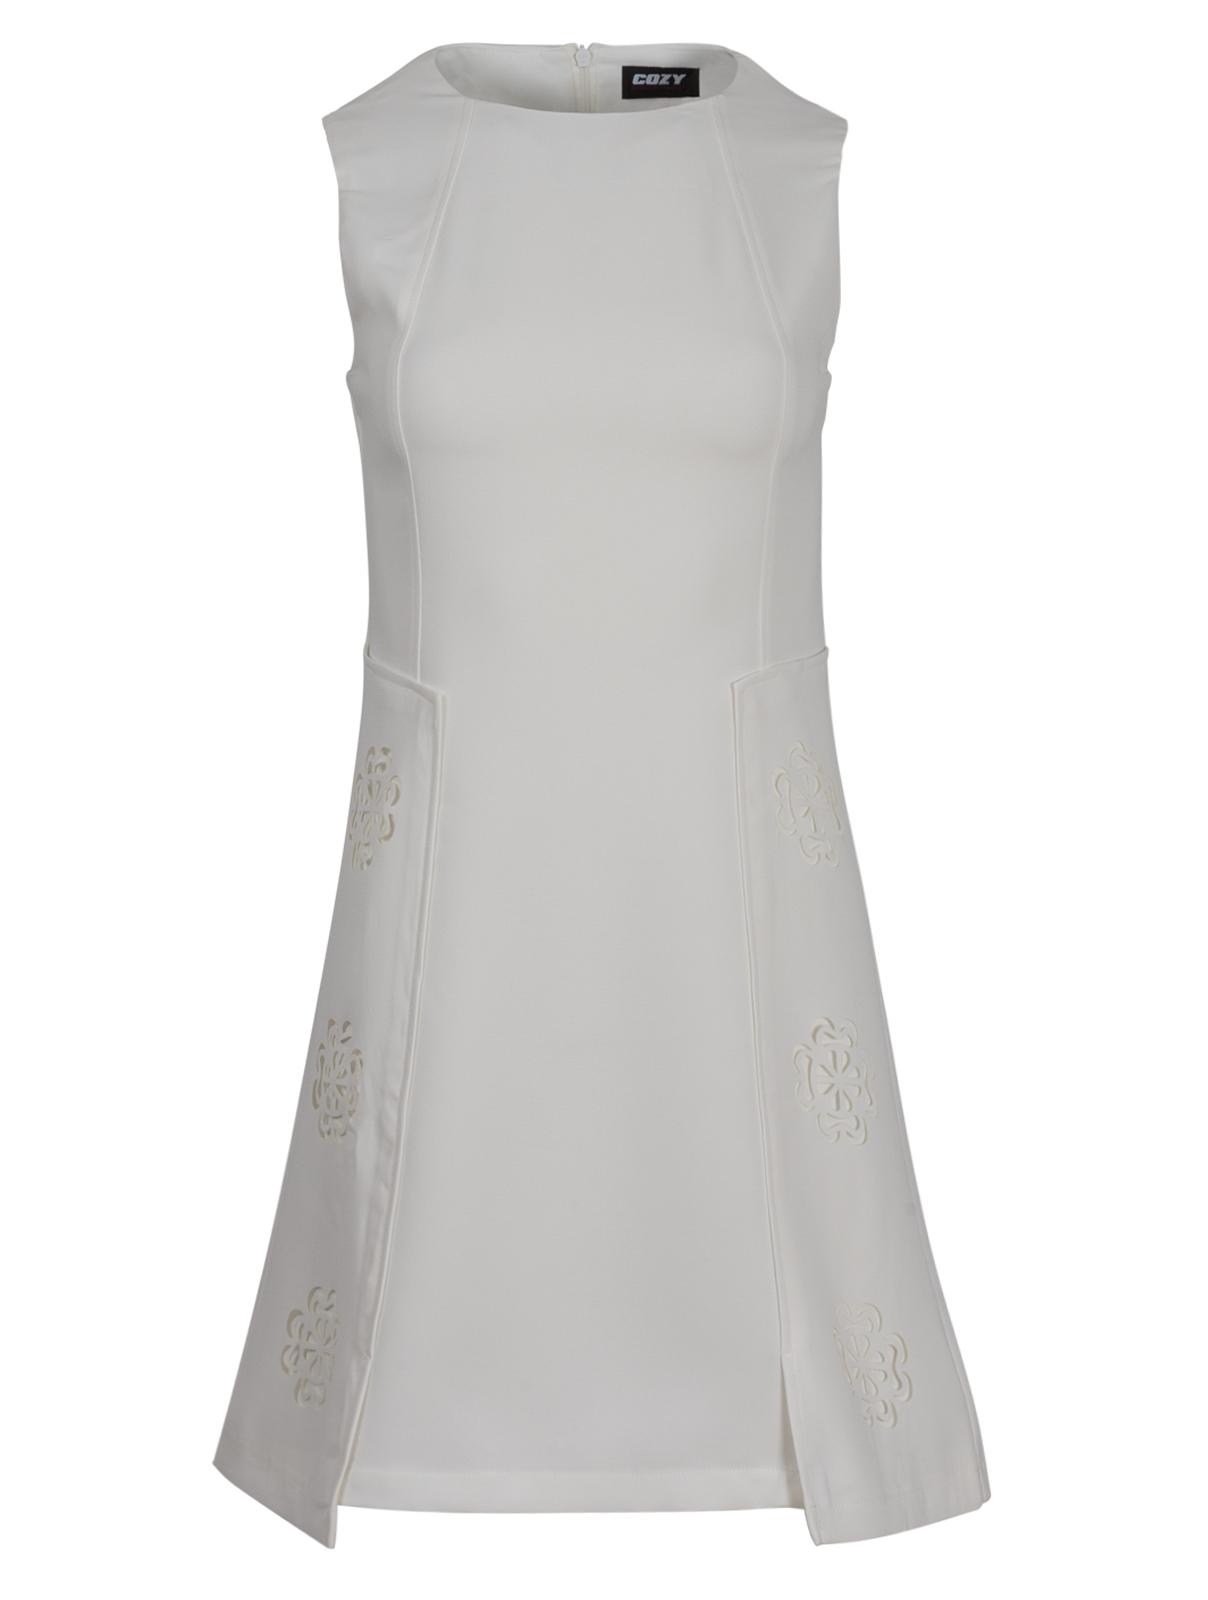 Φόρεμα Αμάνικο με Διάτρητο Σχέδιο γυναικεια   φορέματα   mίνι   μίντι